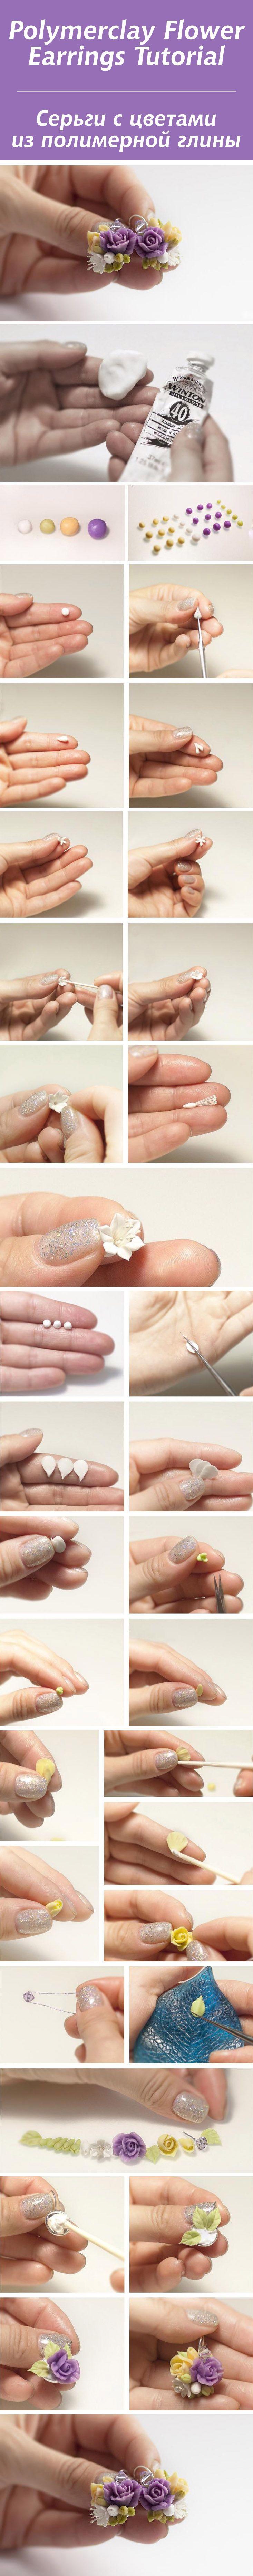 Серьги с цветами из полимерной глины / Polymerclay Flower Earrings Tutorial